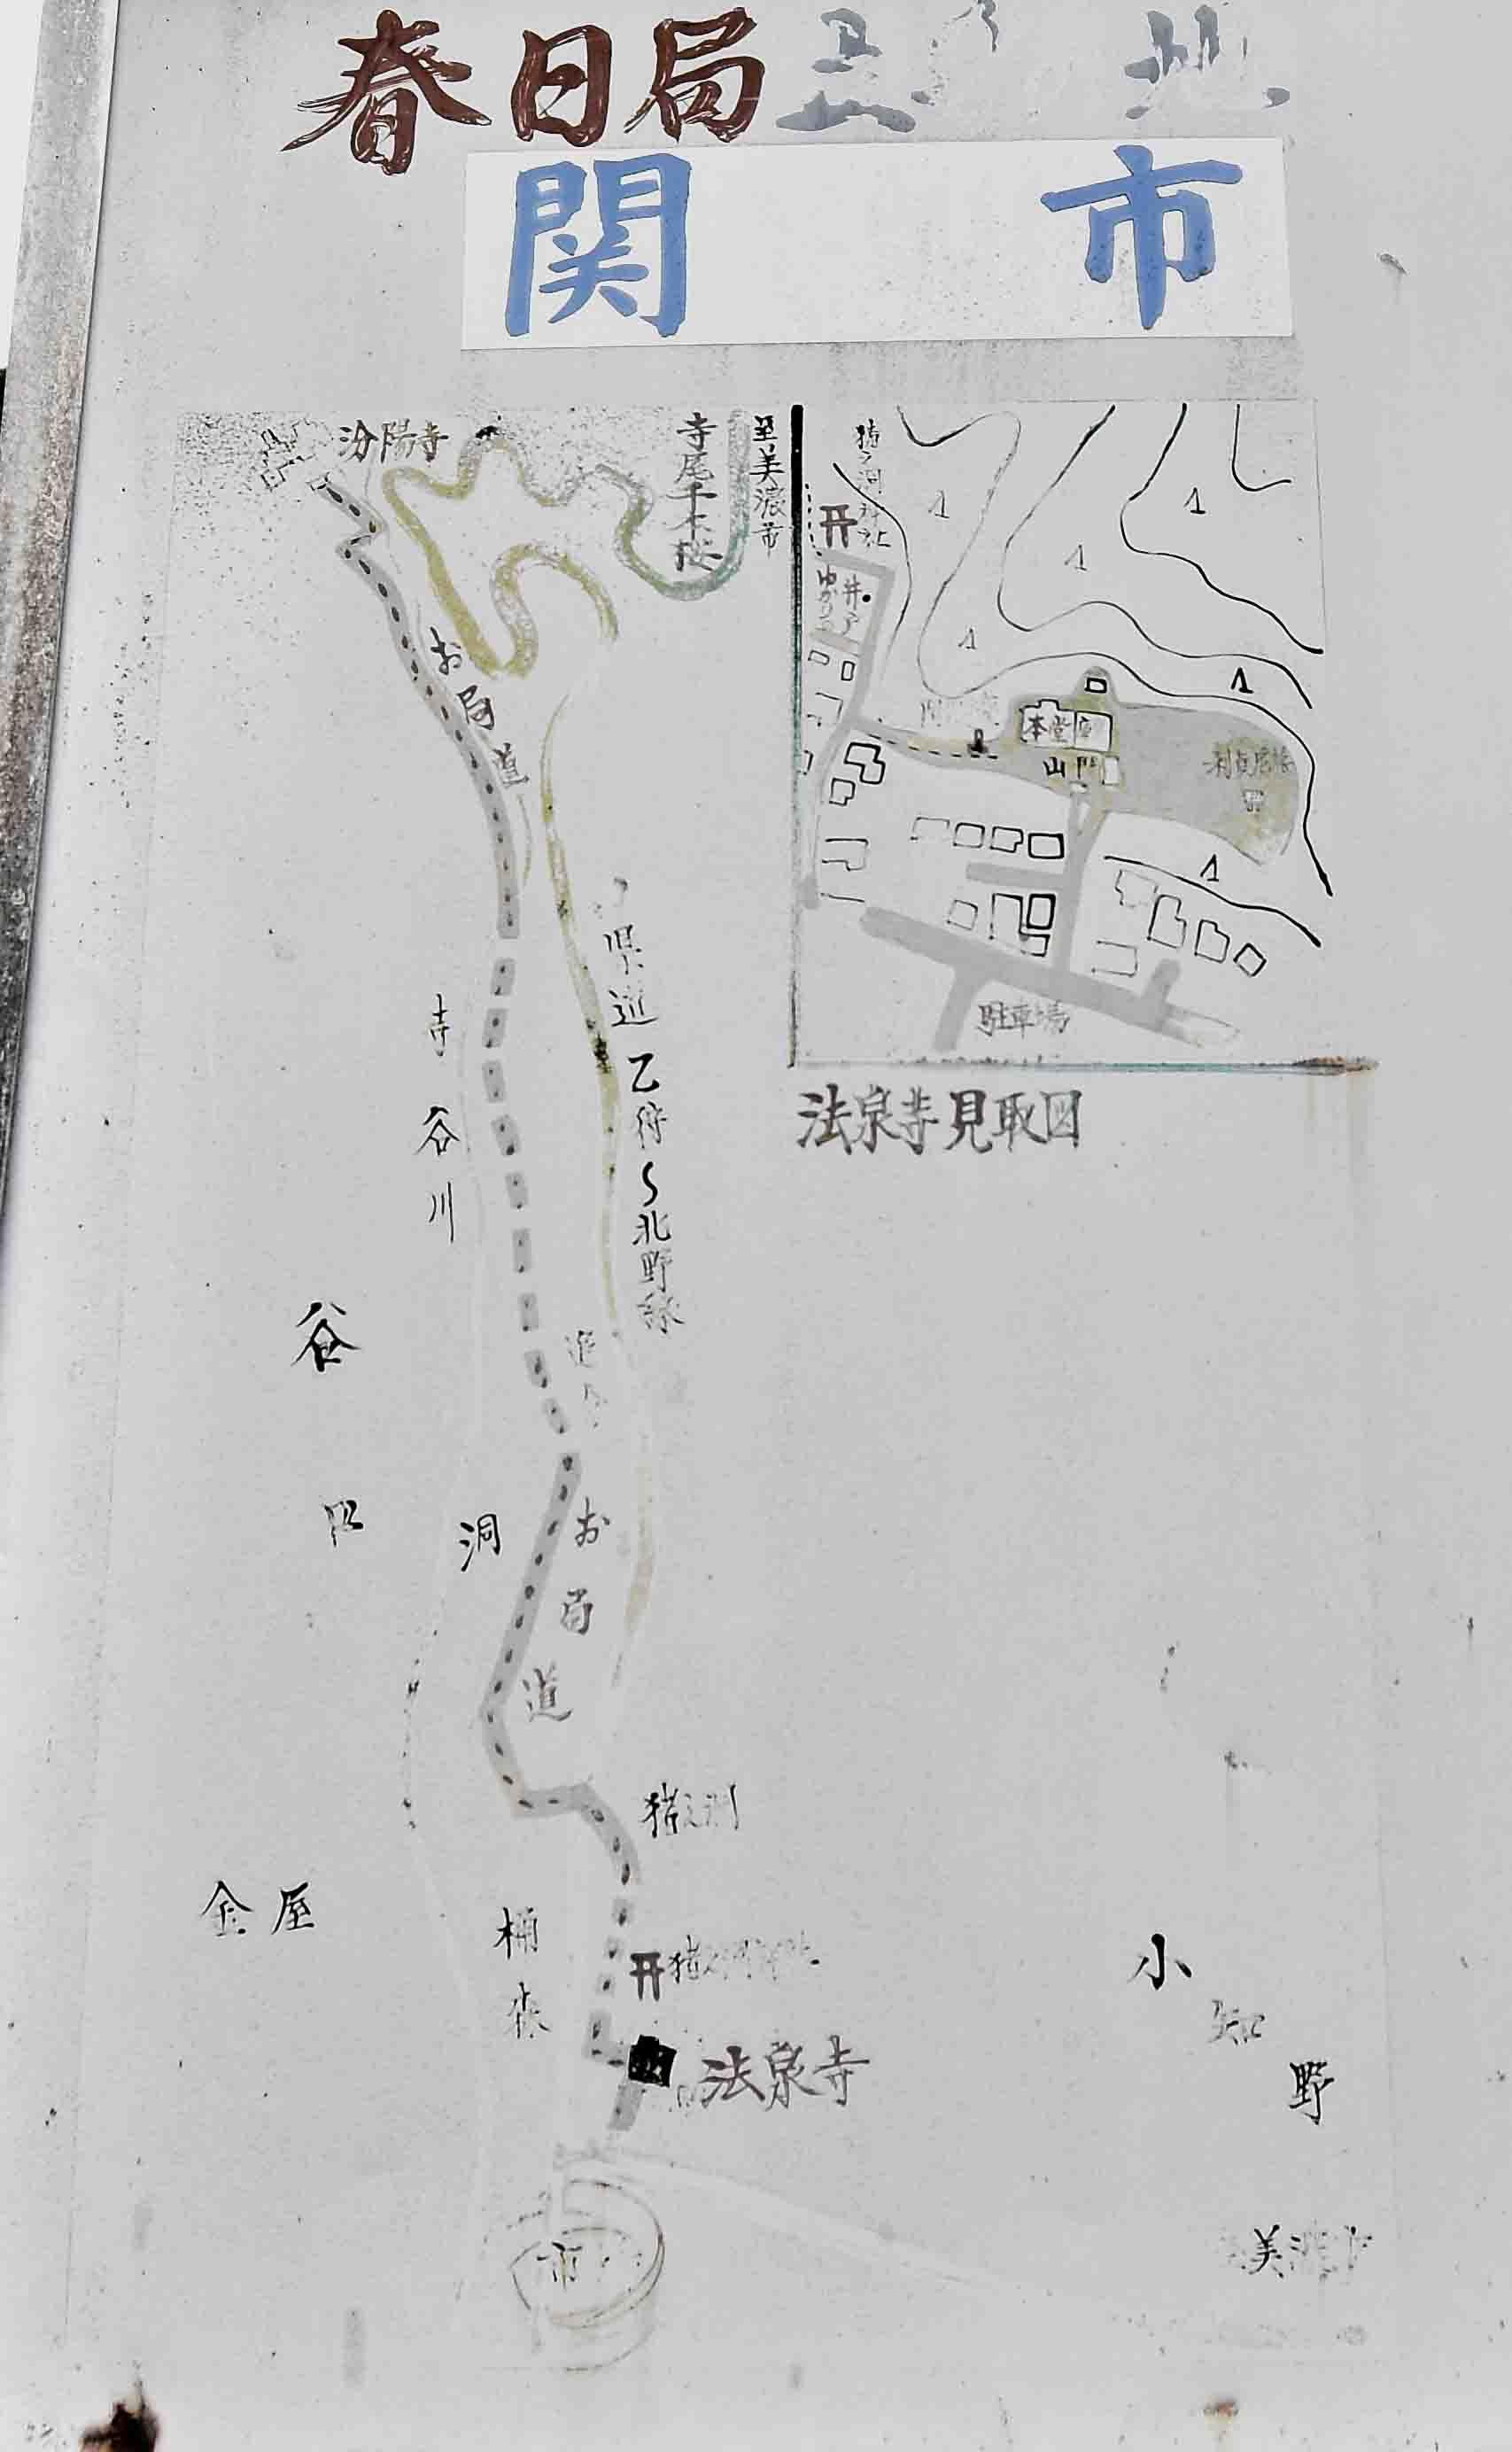 お局道 周辺地図